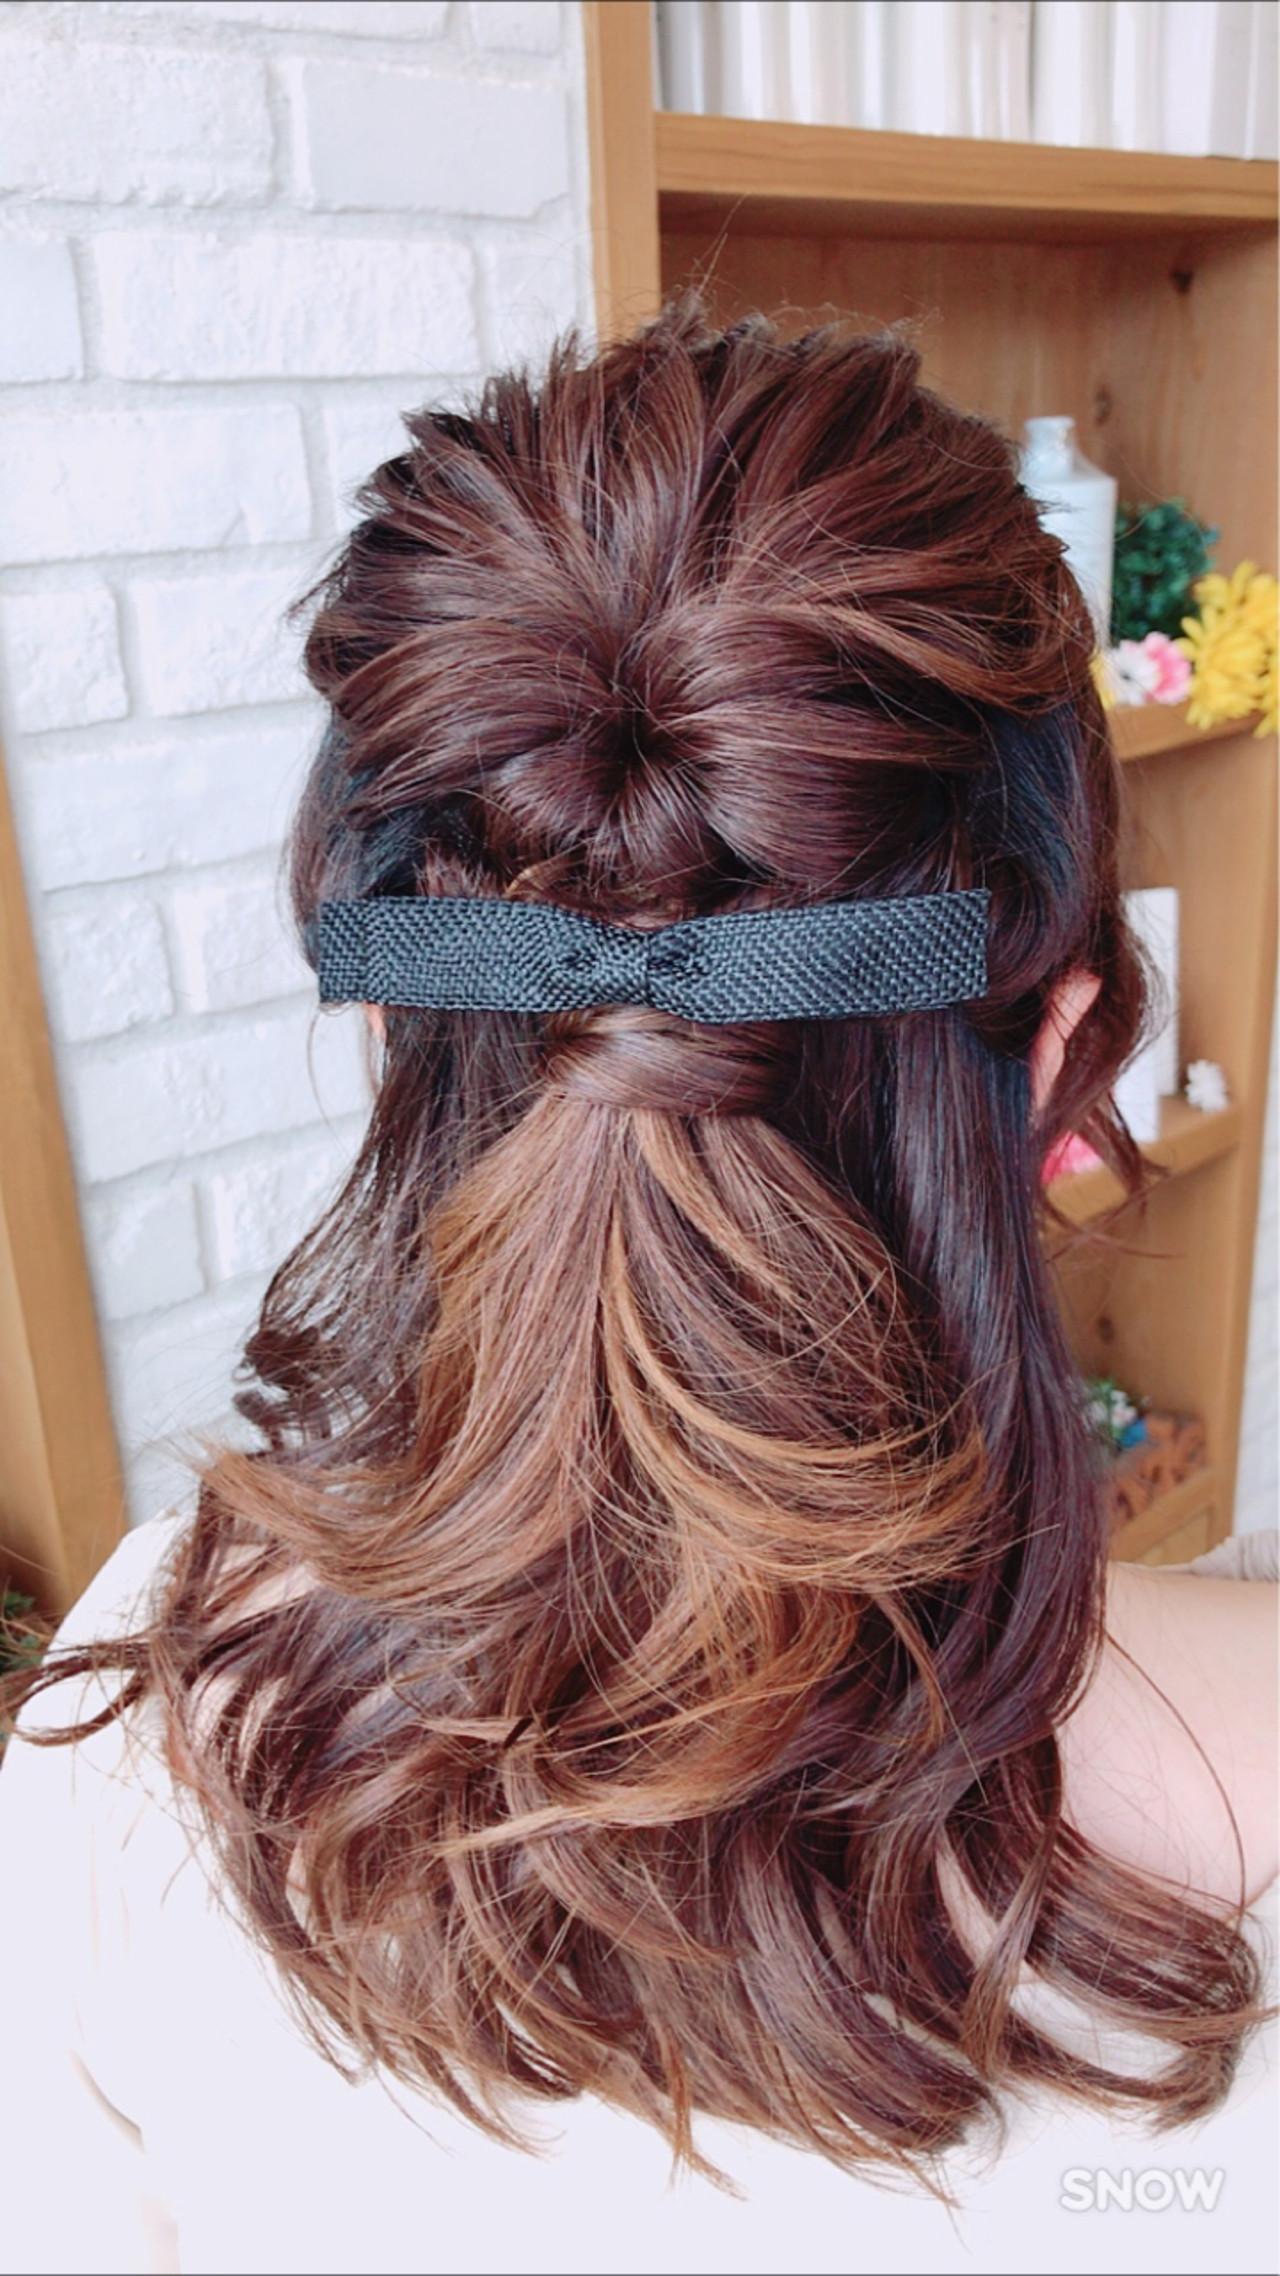 ヘアアレンジ アンニュイ ウェーブ セミロング ヘアスタイルや髪型の写真・画像